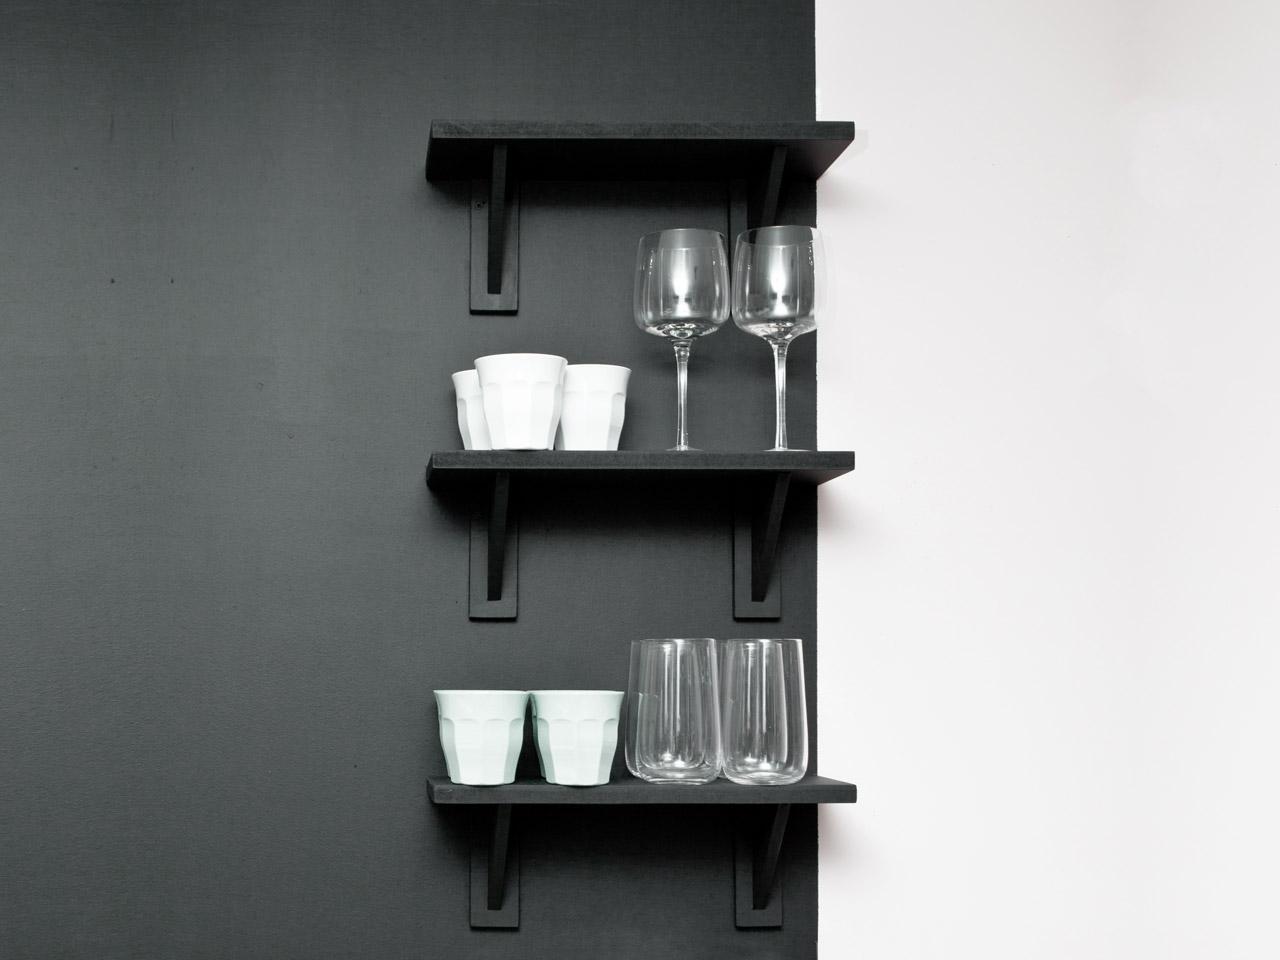 Wandregal aus schwarzem Holz in der Küche